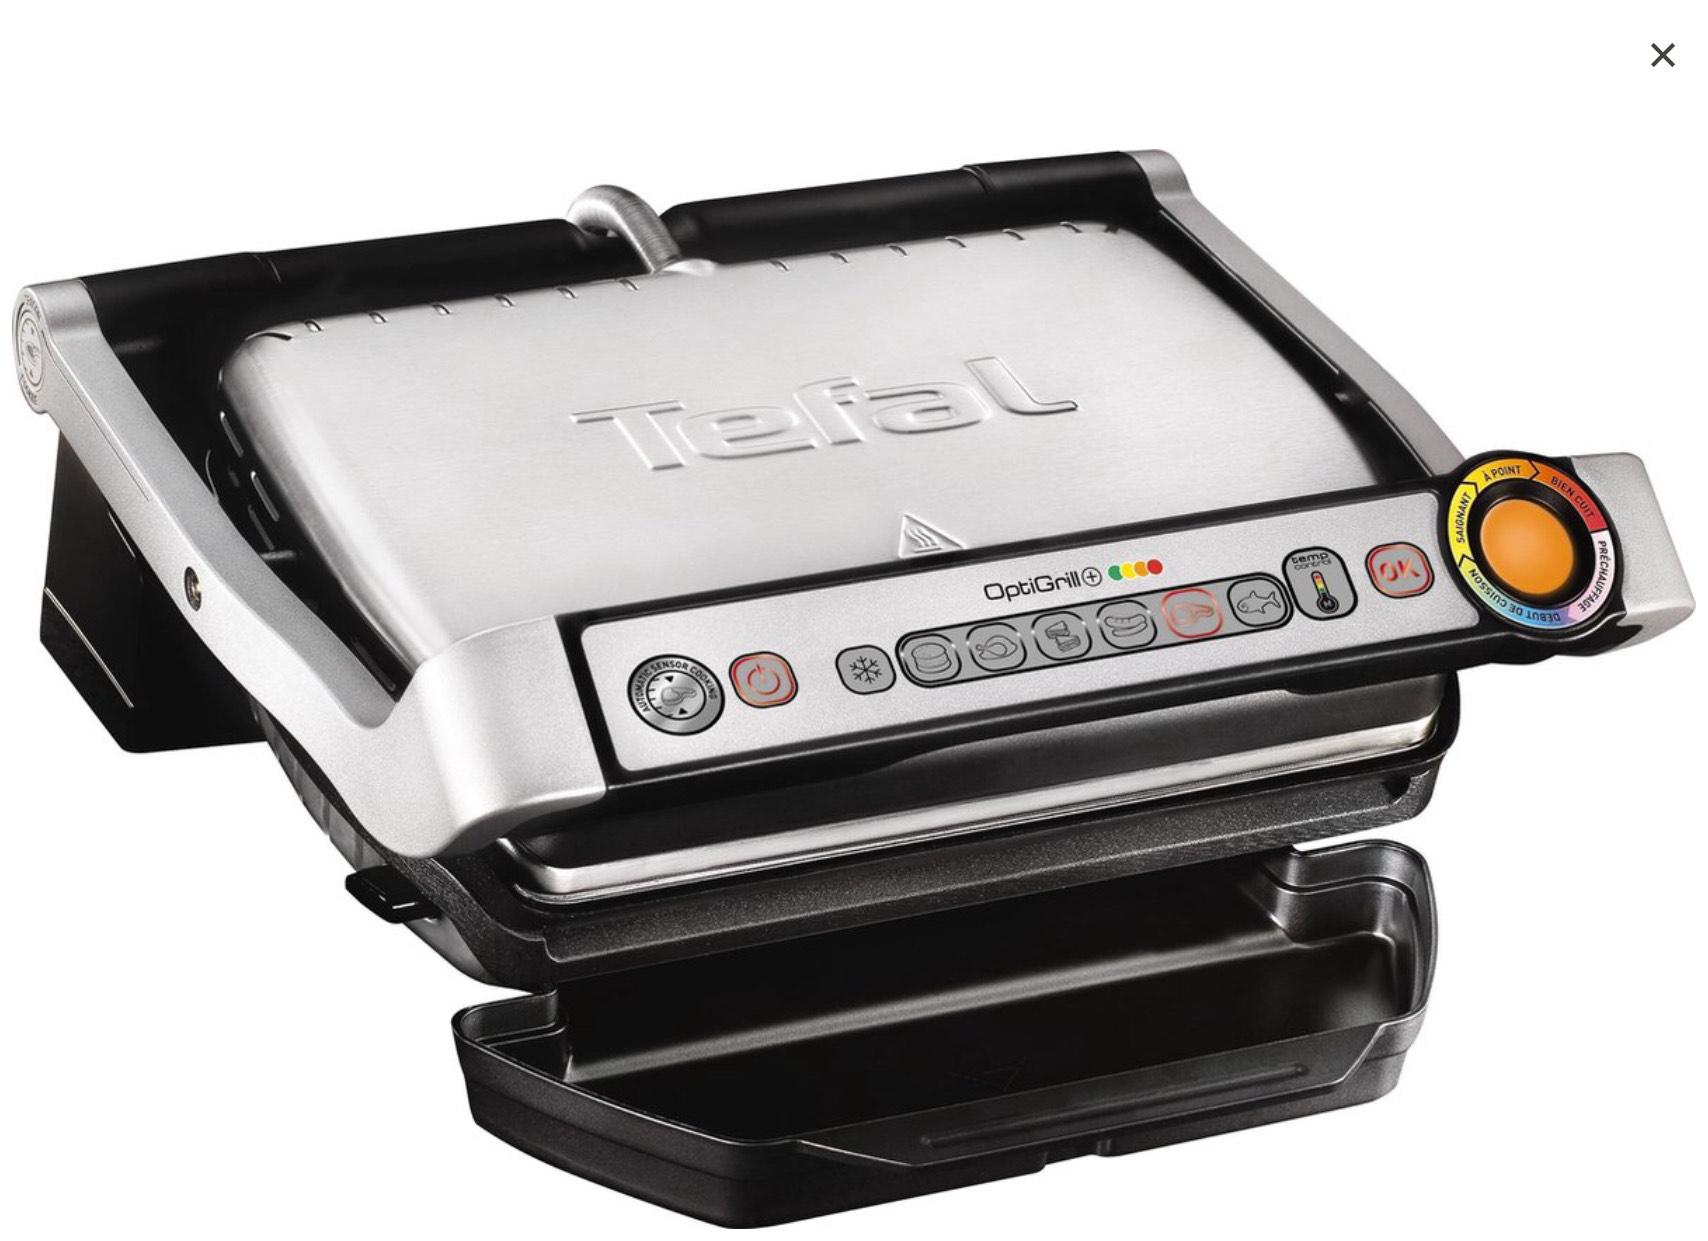 TEFAL GC712D OptiGrill+ (prijs na €20 cashback)